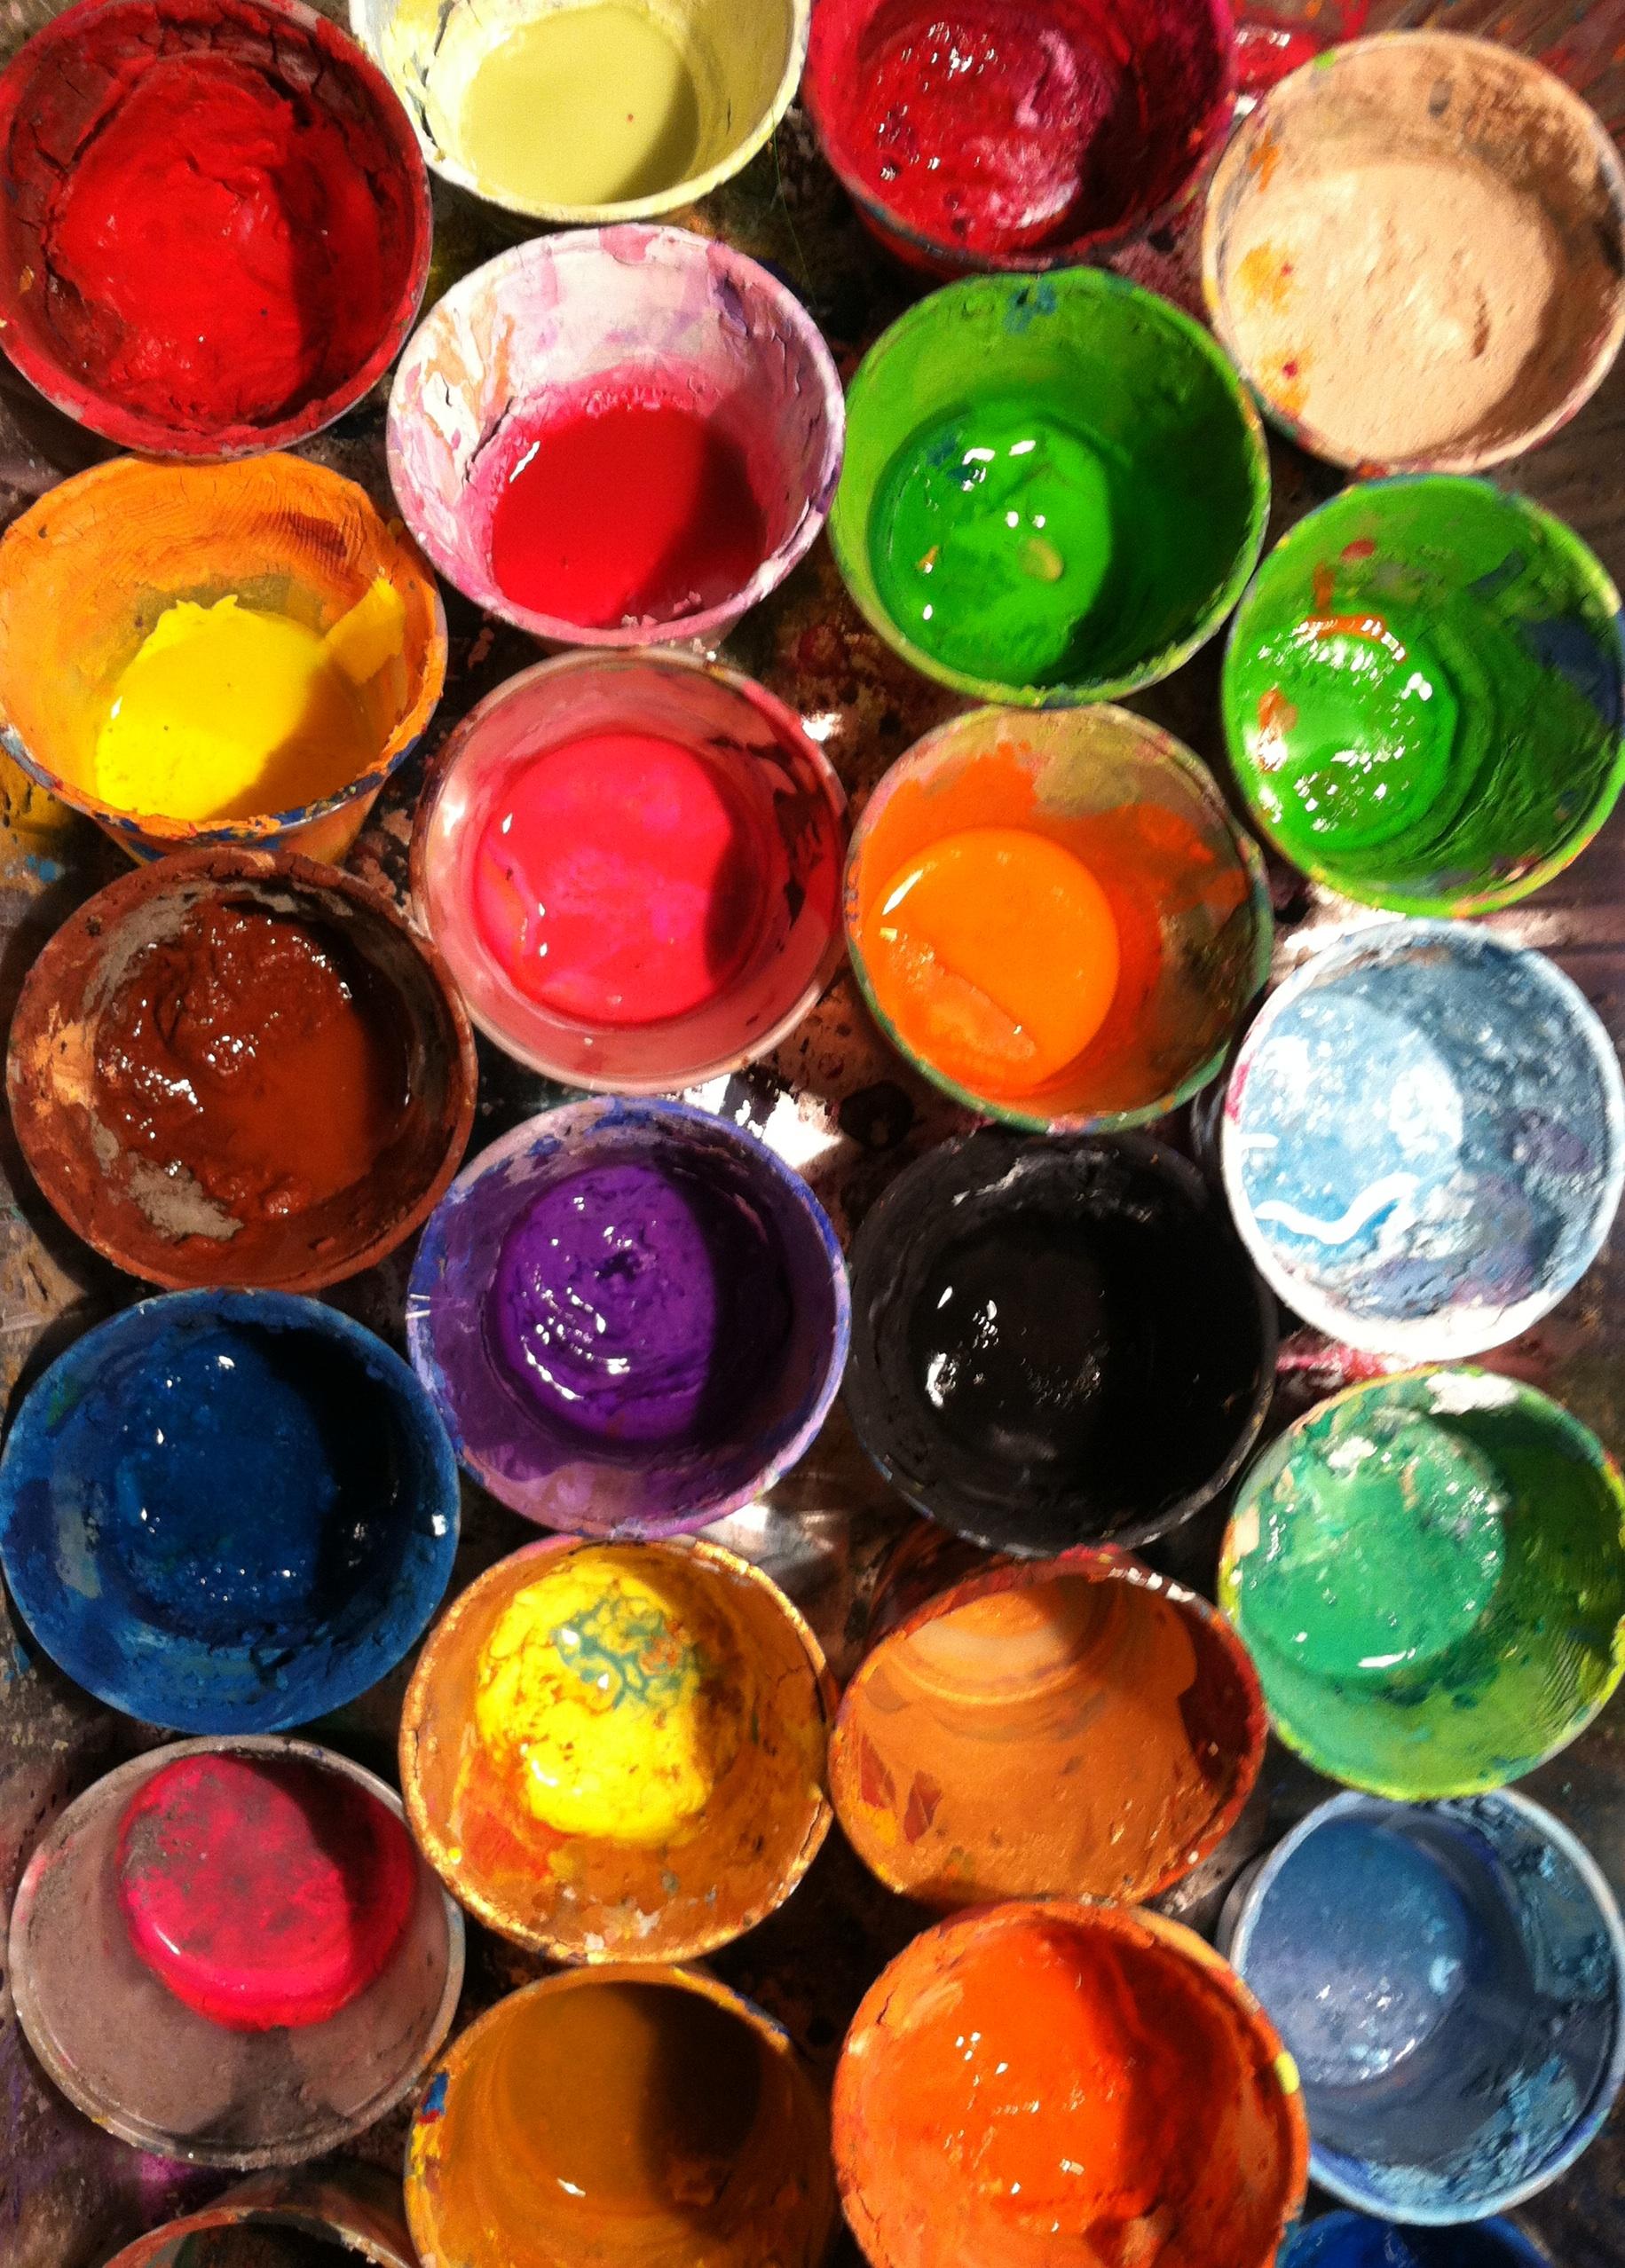 My paint pots